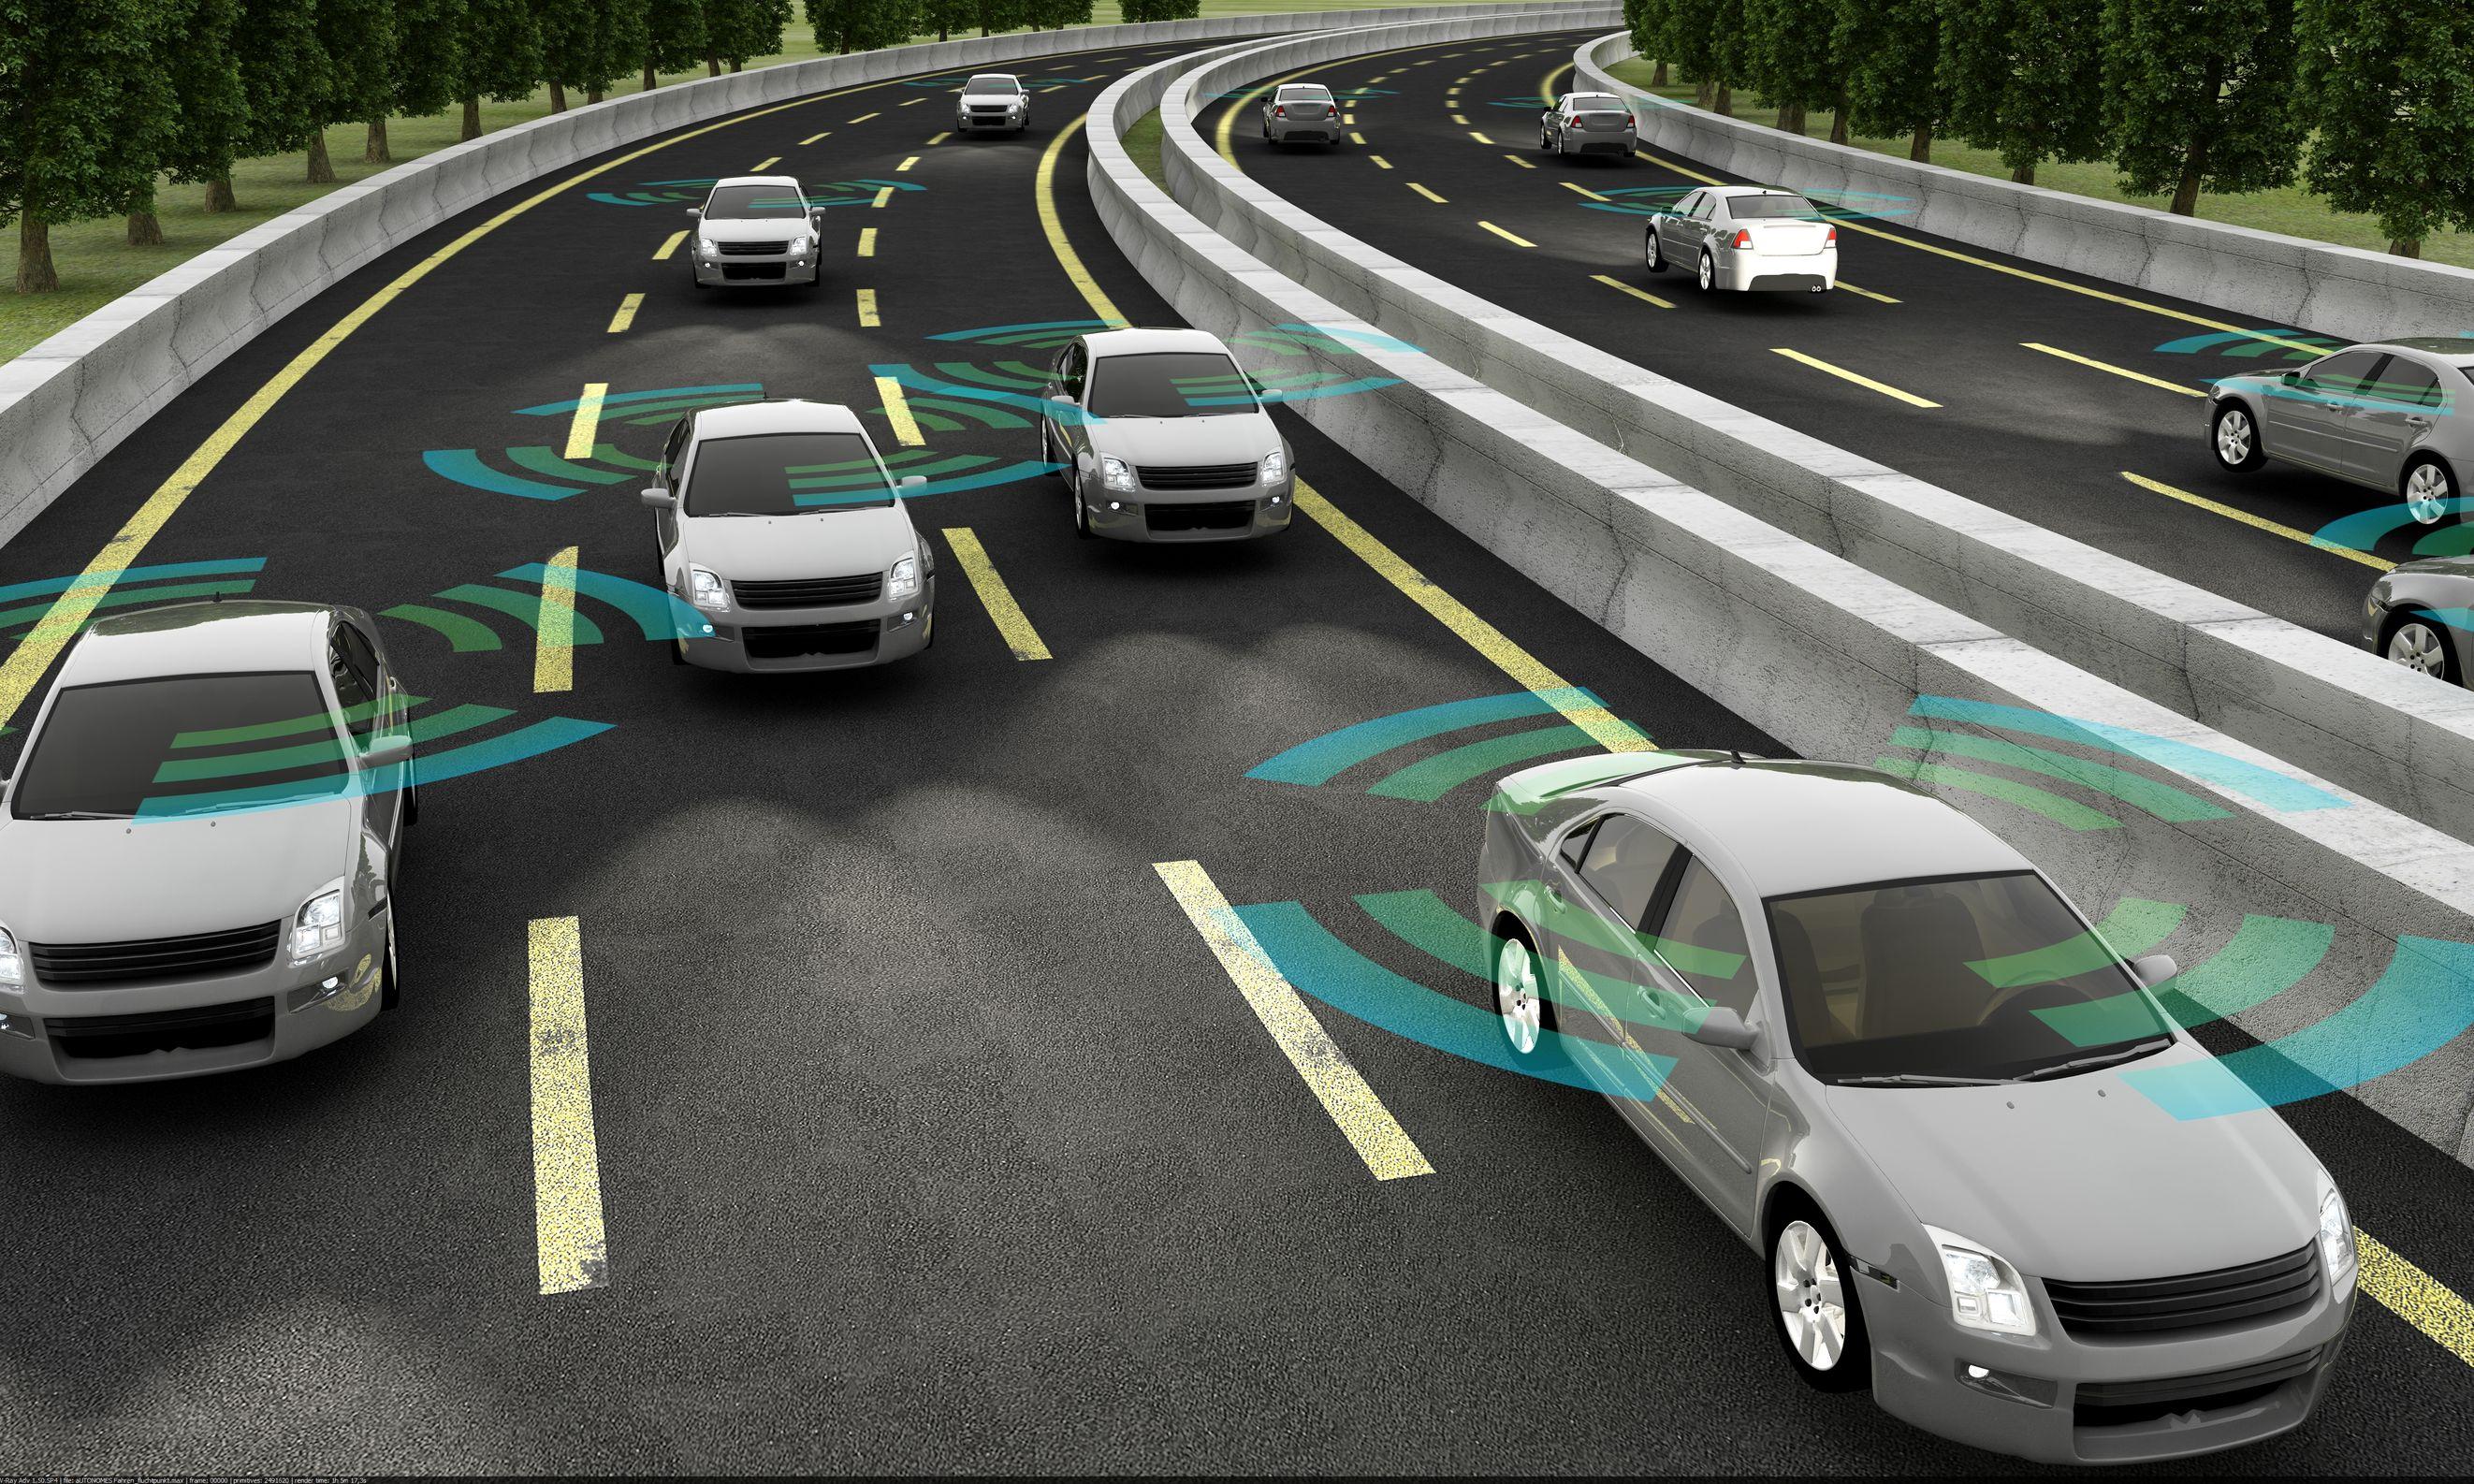 Autonomous vehicles driving